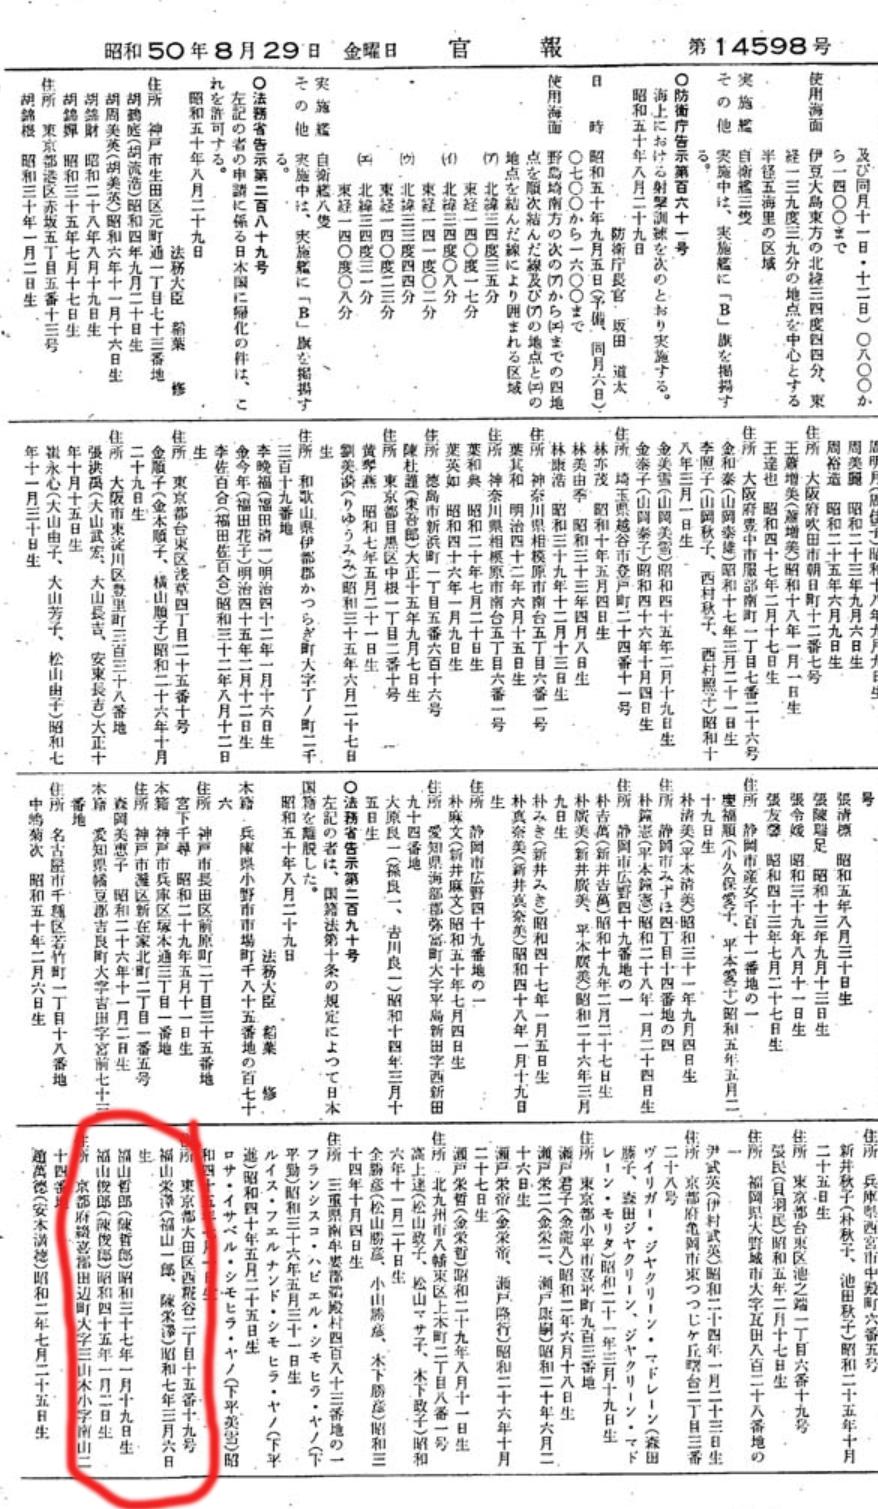 20180321-21-chin-1.jpg